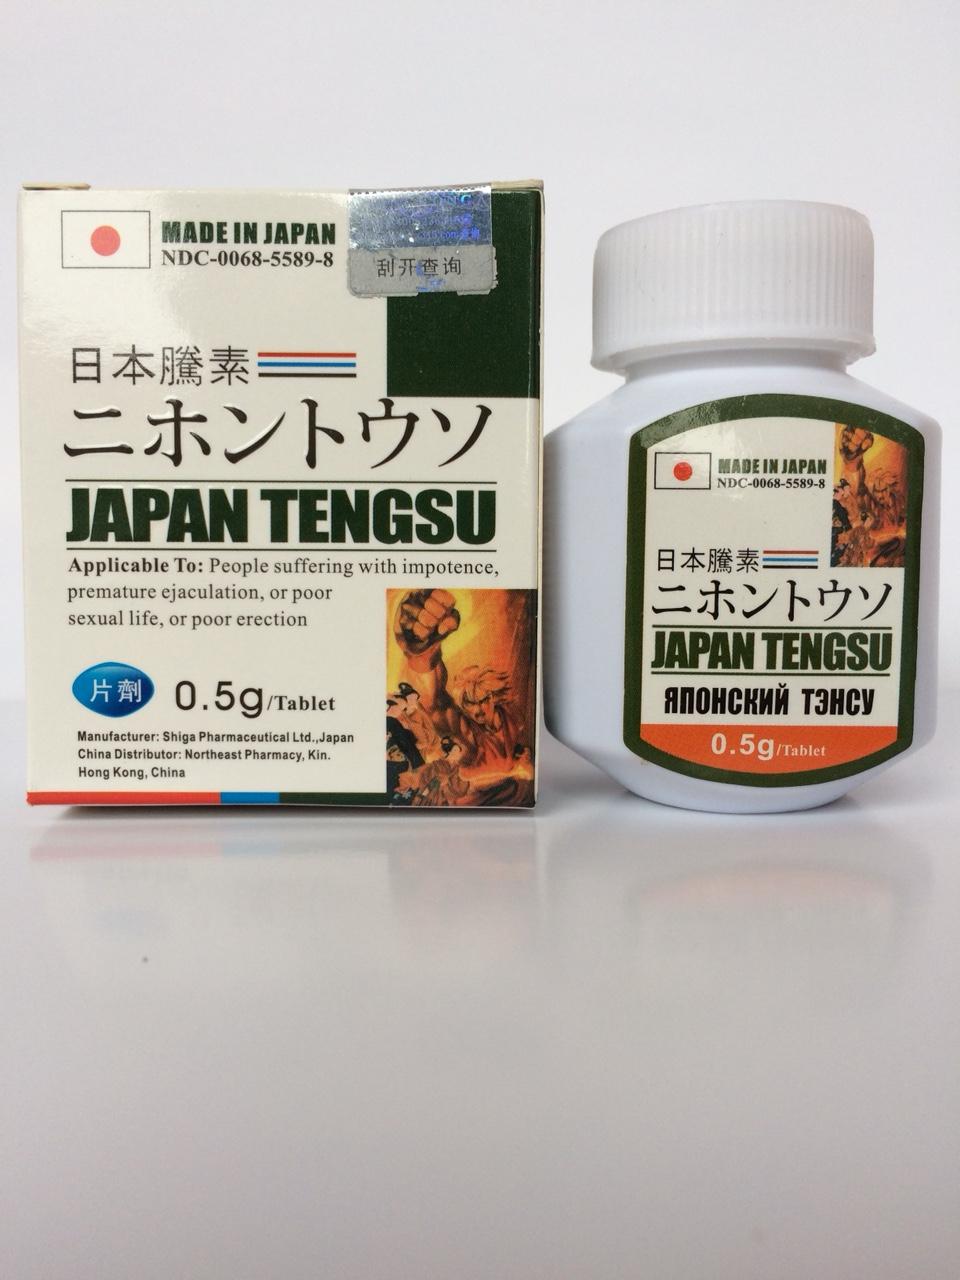 Japan Tengsu Chính Hãng Giá Tốt - Nhà Thuốc Minh Hương